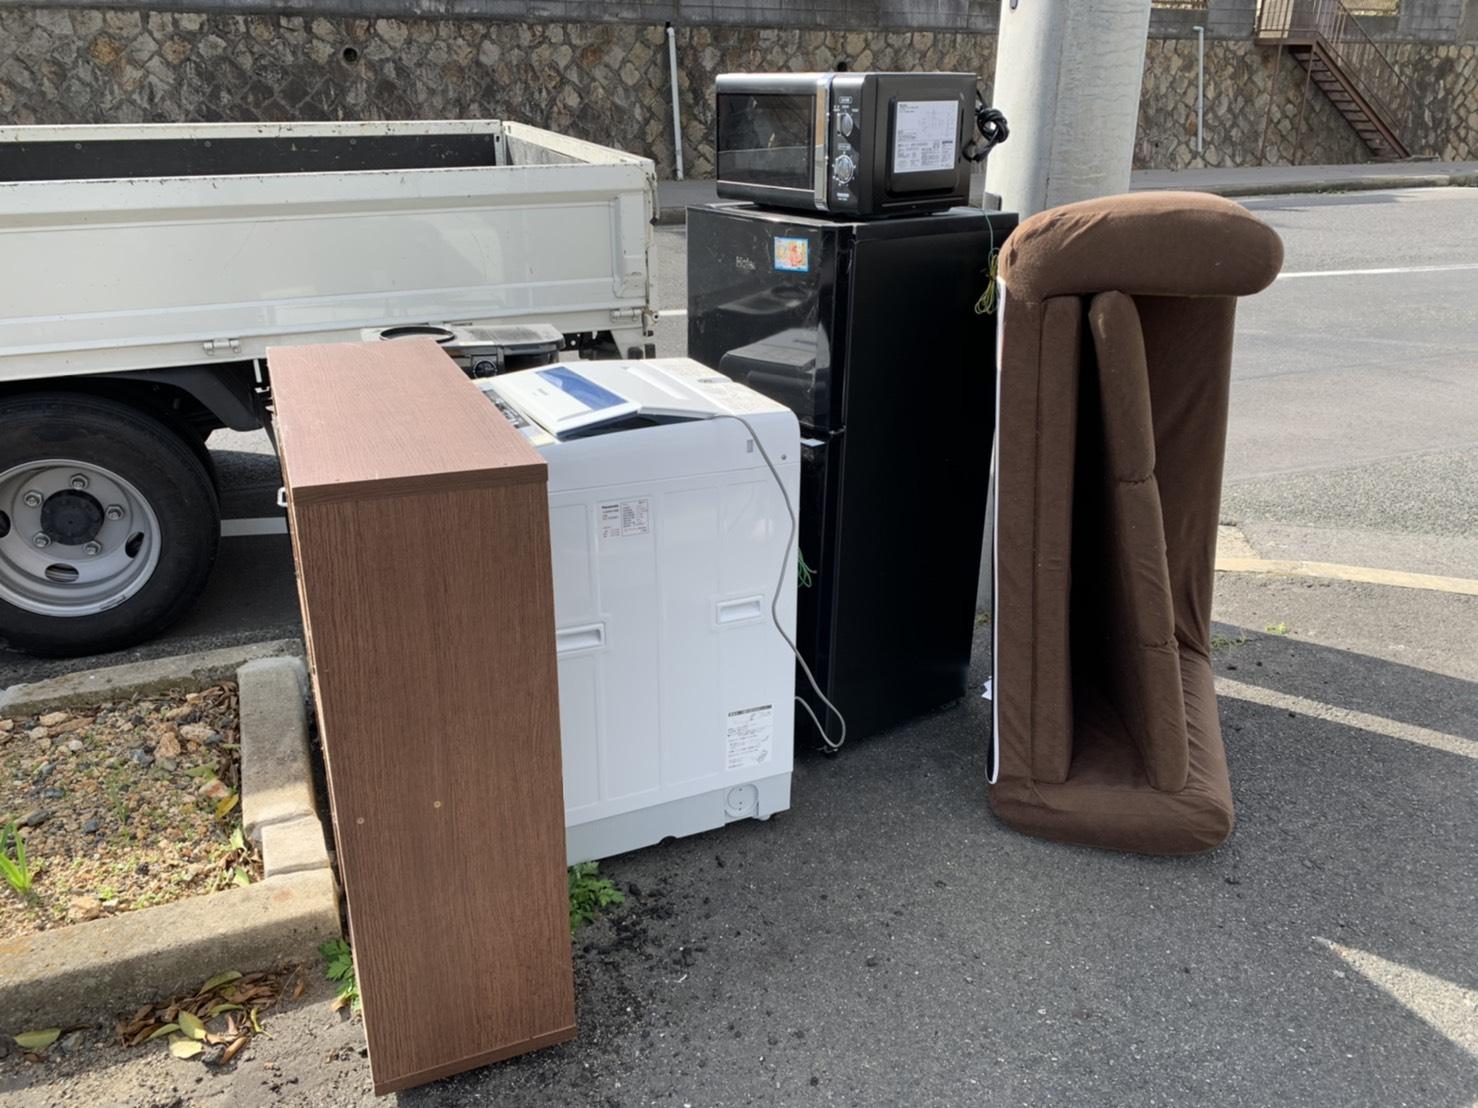 ソファ、冷蔵庫などの不用品の回収前